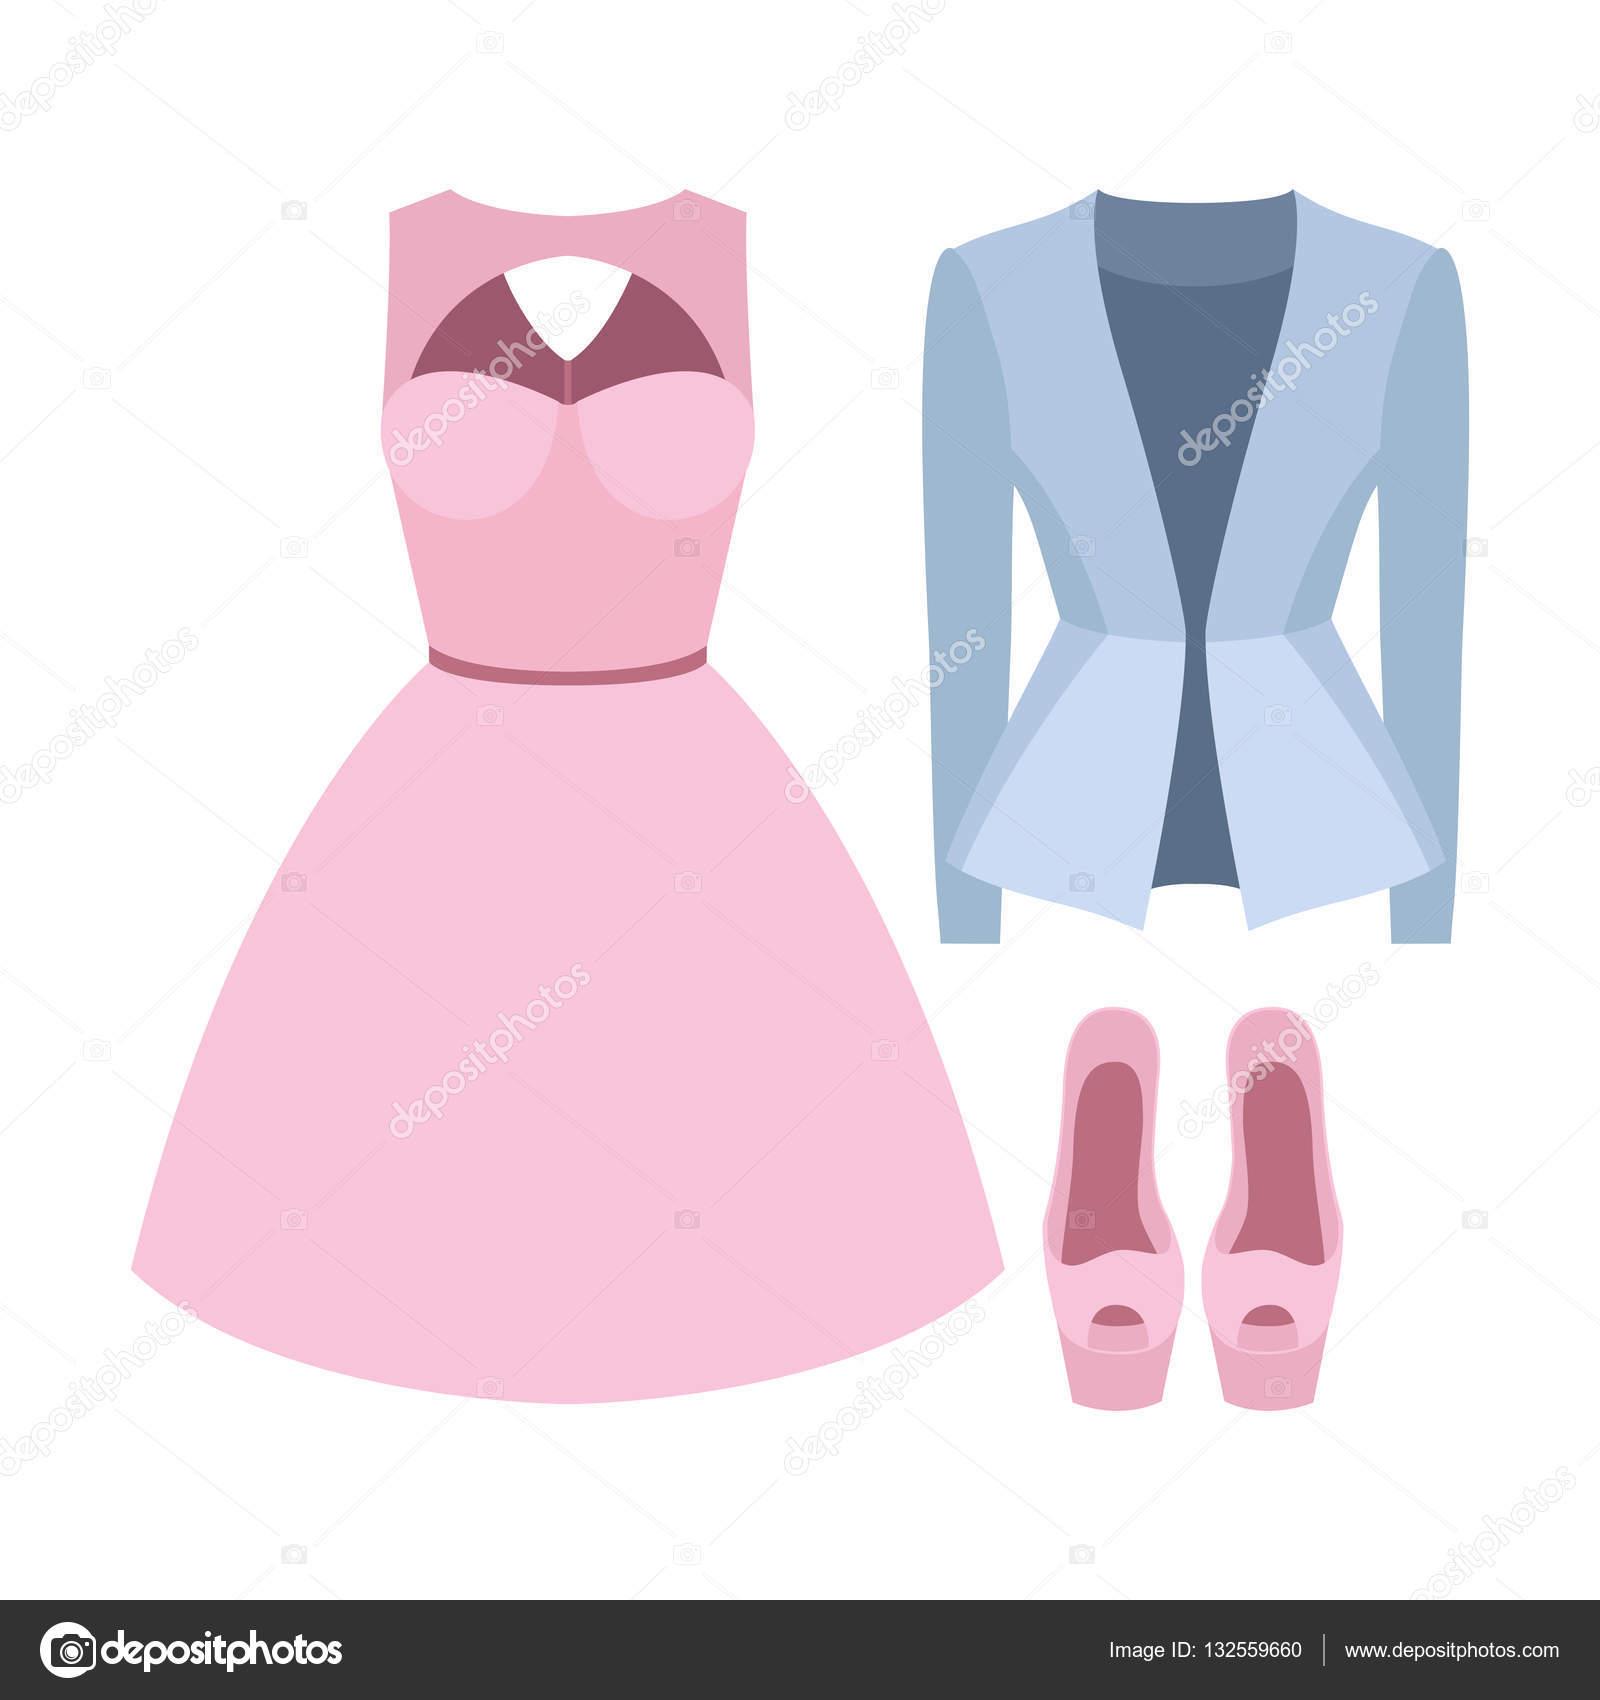 c9553d797 Sada oblečení trendy Dámské sako, šaty a doplňky. Vektorové ilustrace —  Vektor od komirenkolena